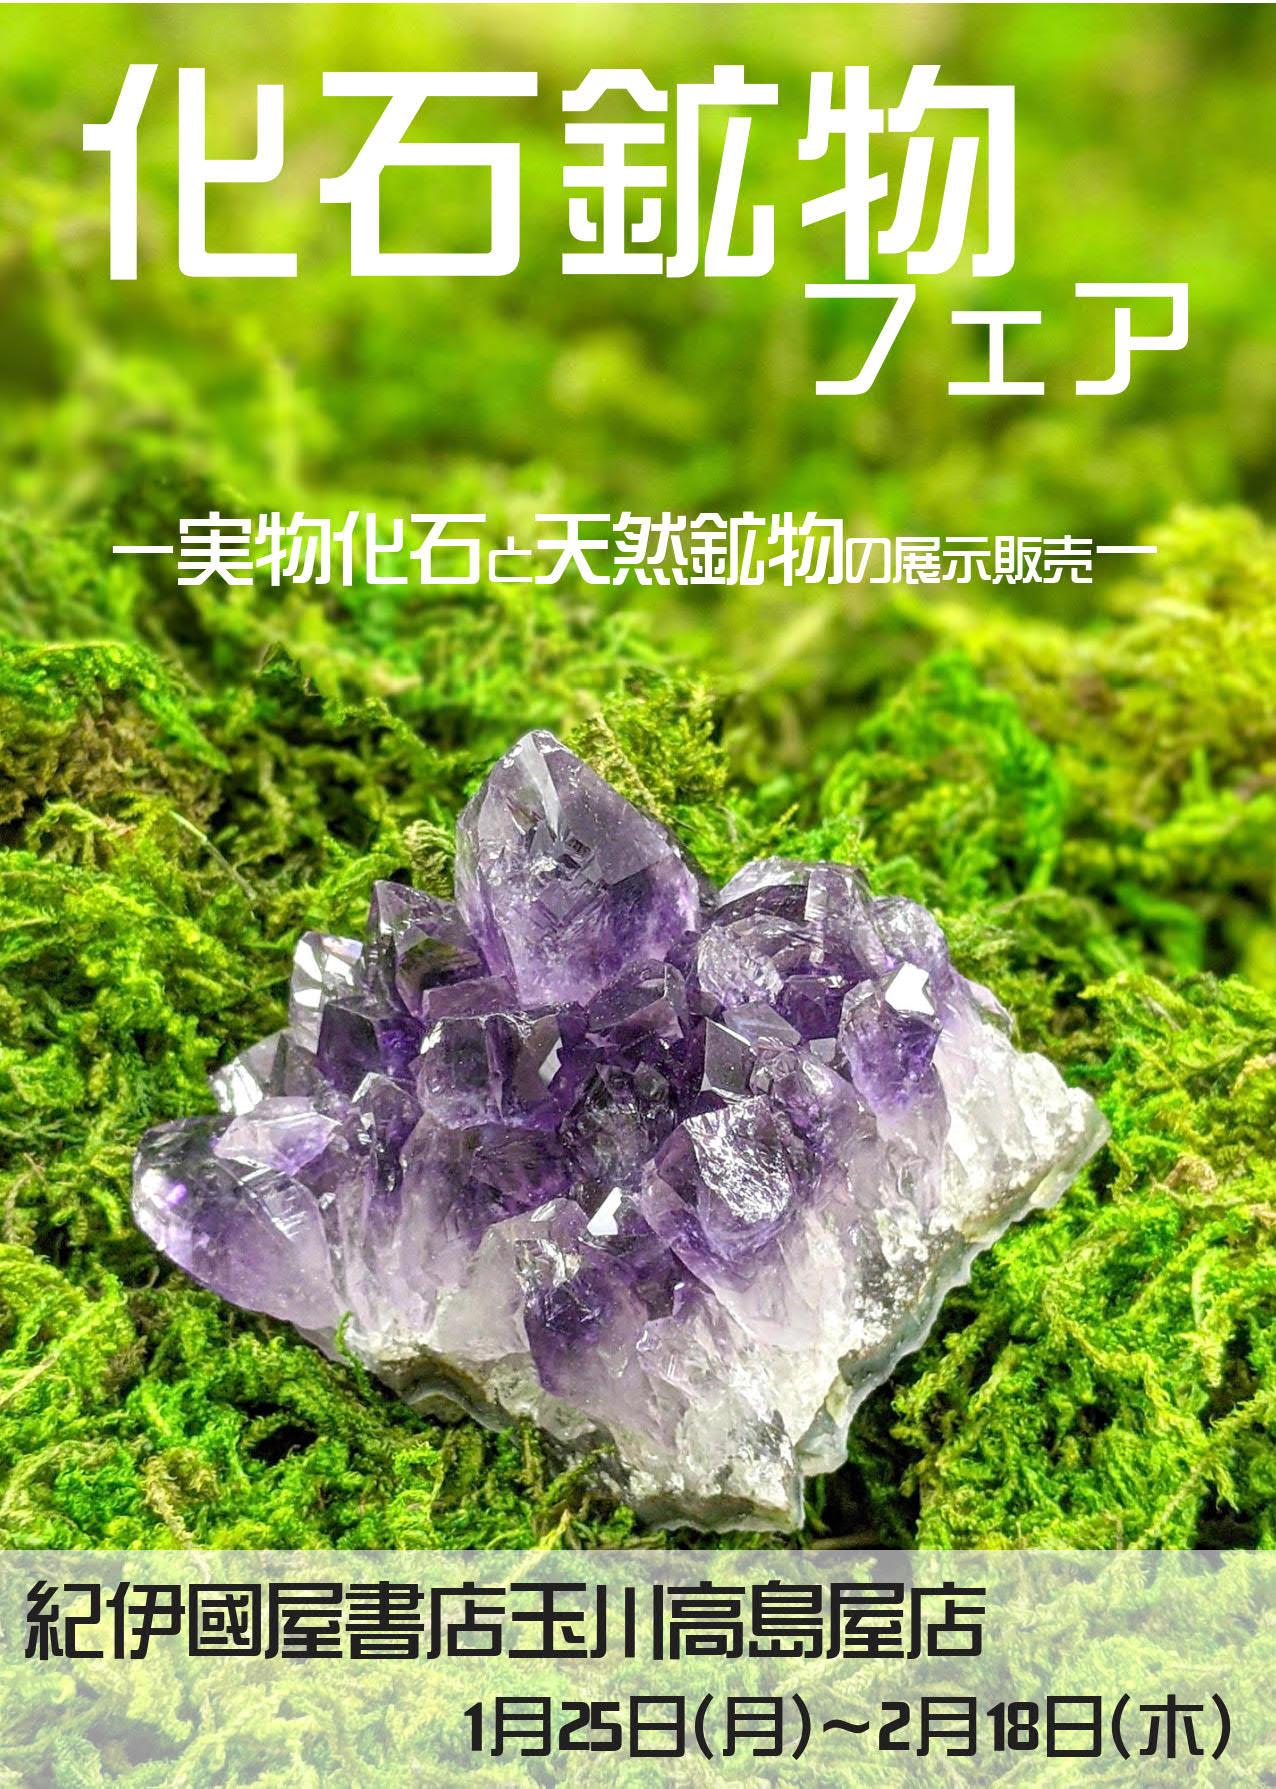 紀伊國屋書店:世界の化石・鉱物フェア  2021年1月25日(月)~2月18日(木)